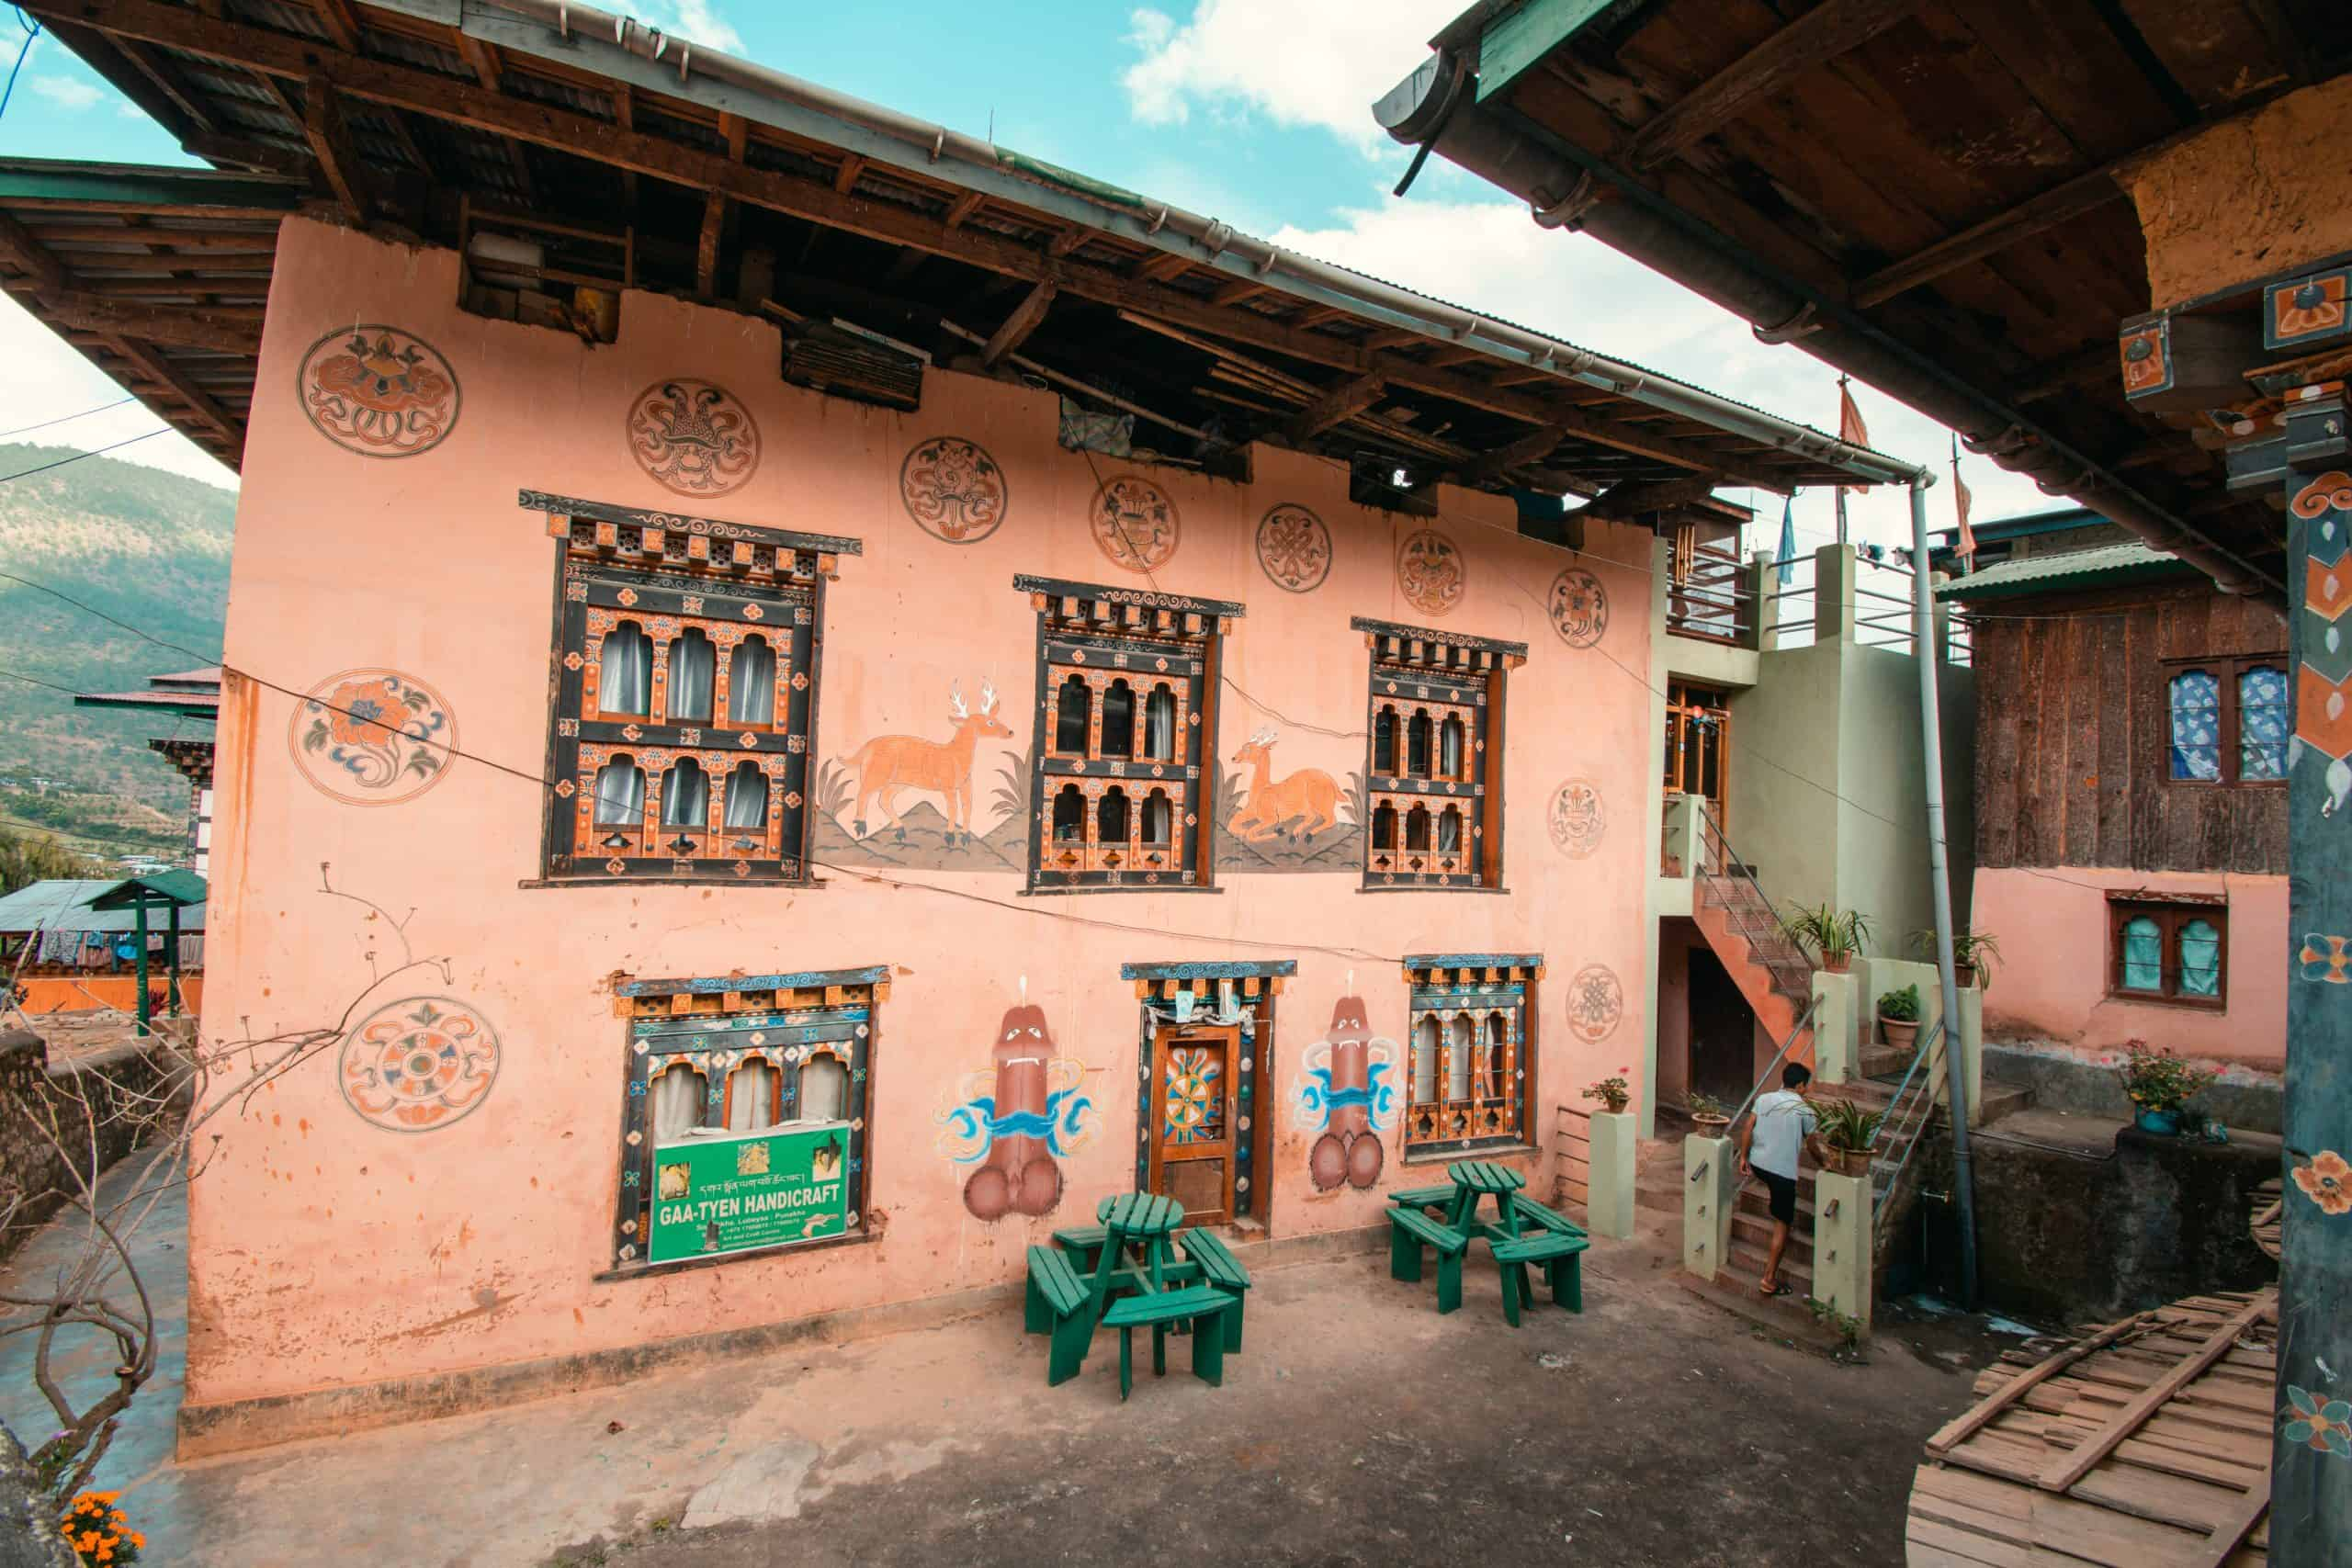 Phallus paintings in Bhutan